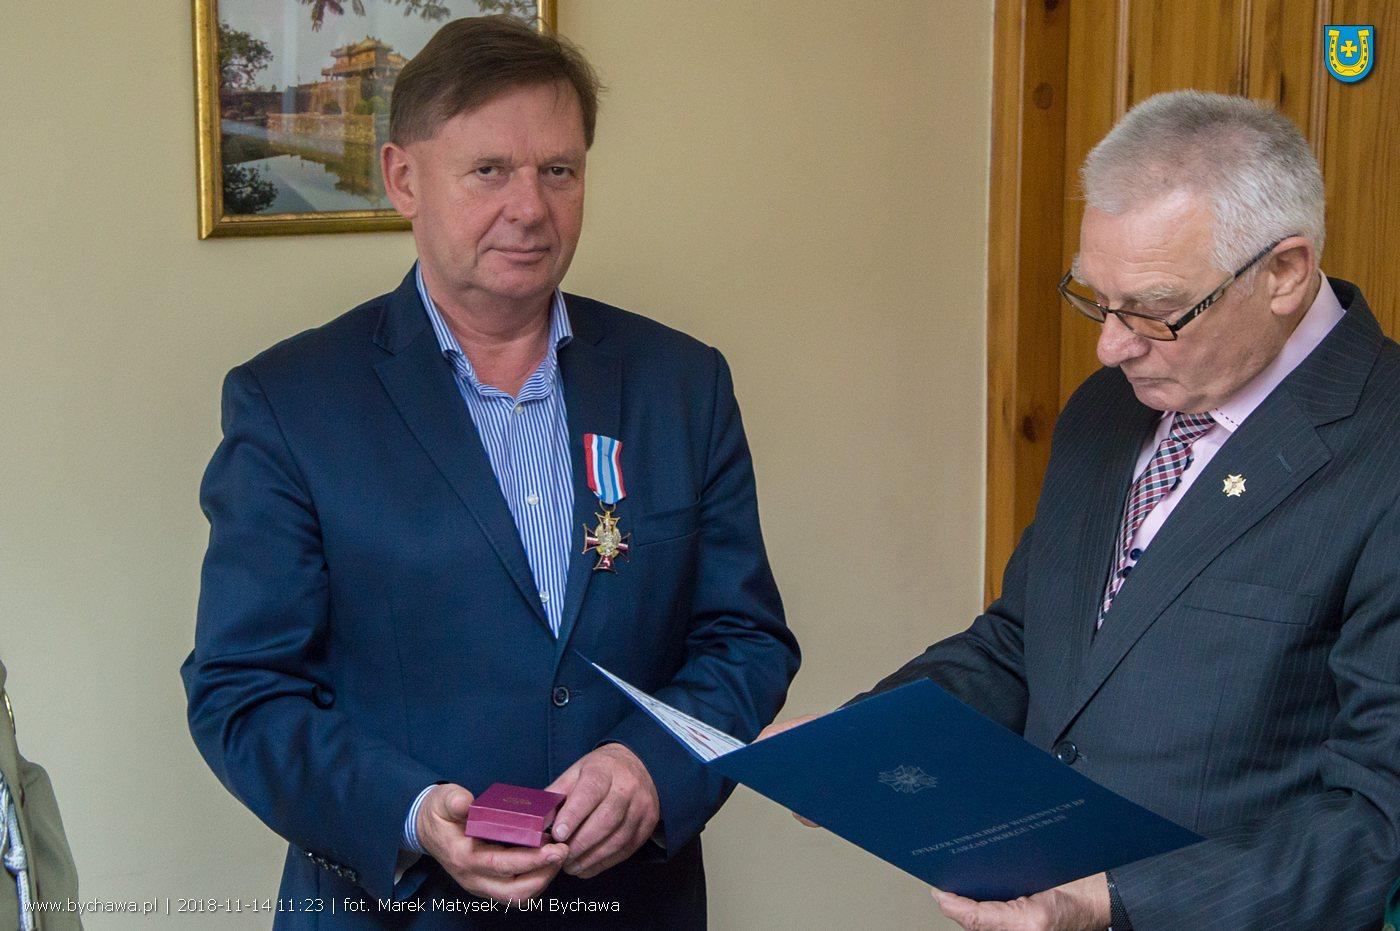 Piotr Wojtaś odznaczony medalem 100-lecia Związku Inwalidów Wojennych